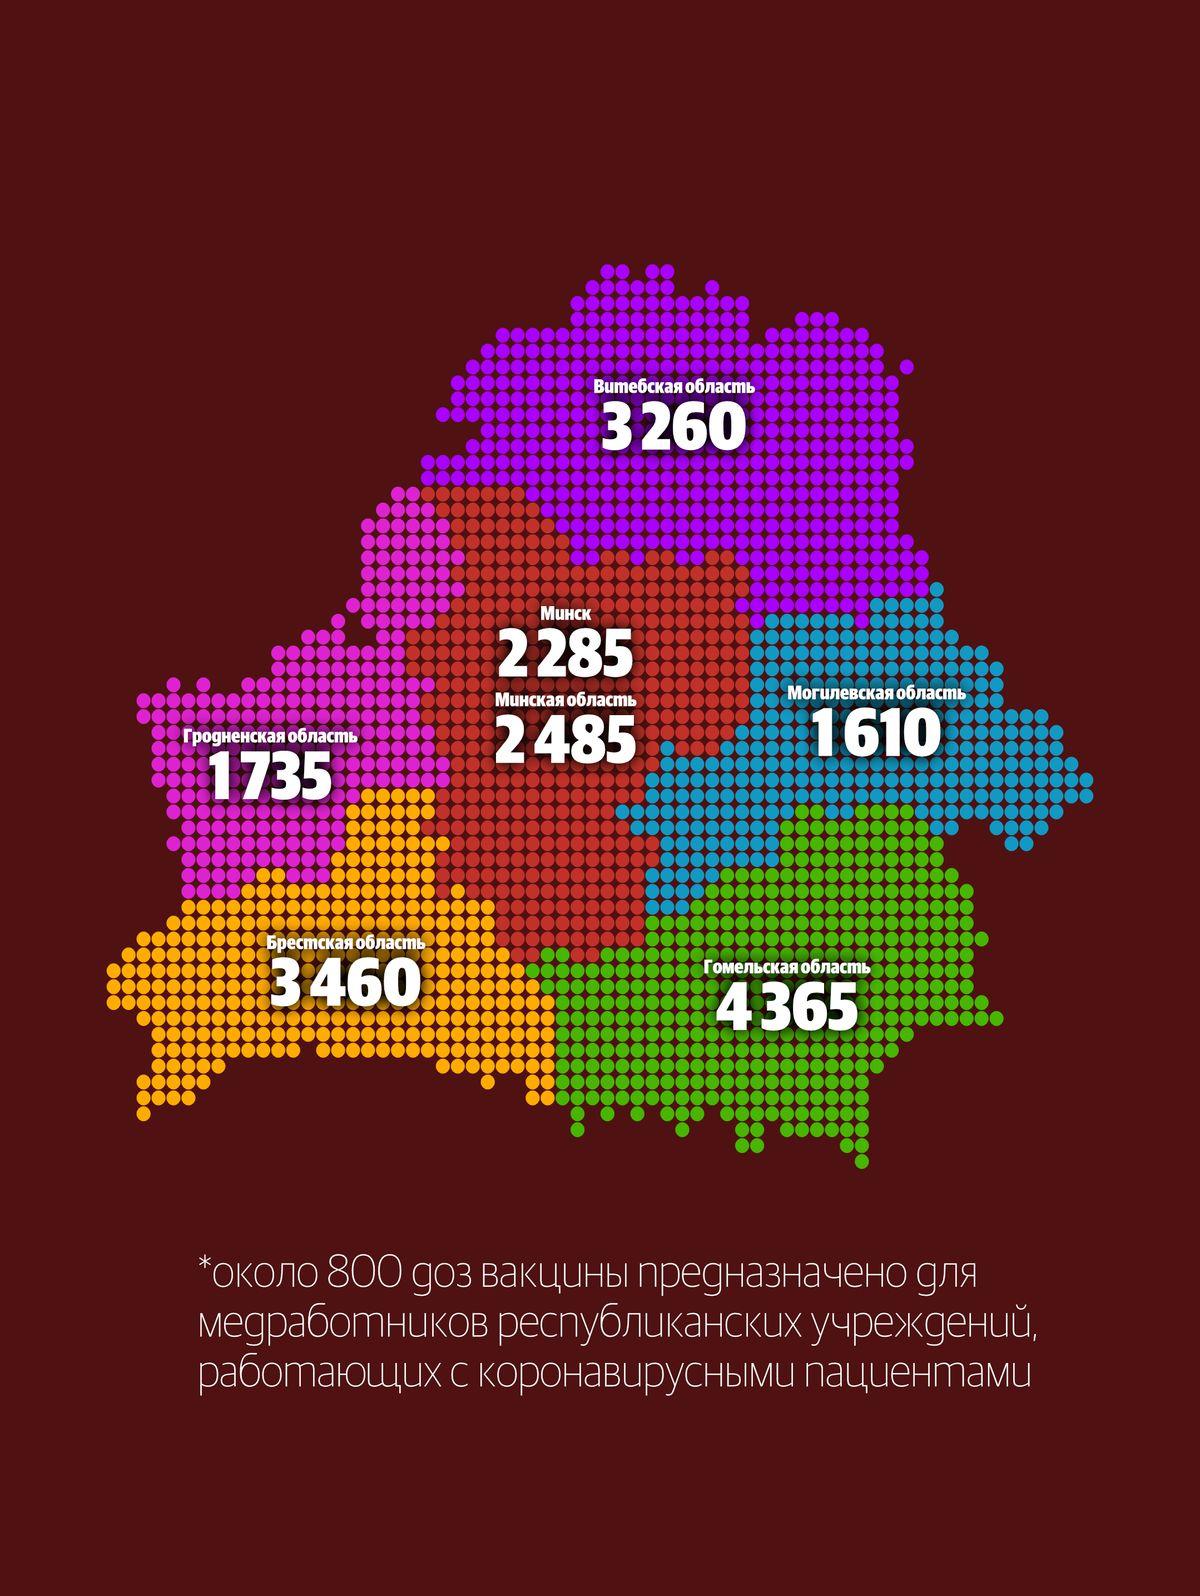 Как распределят вакцины для медработников по всей Беларуси. Инфографика: Петр КАРАСЮК